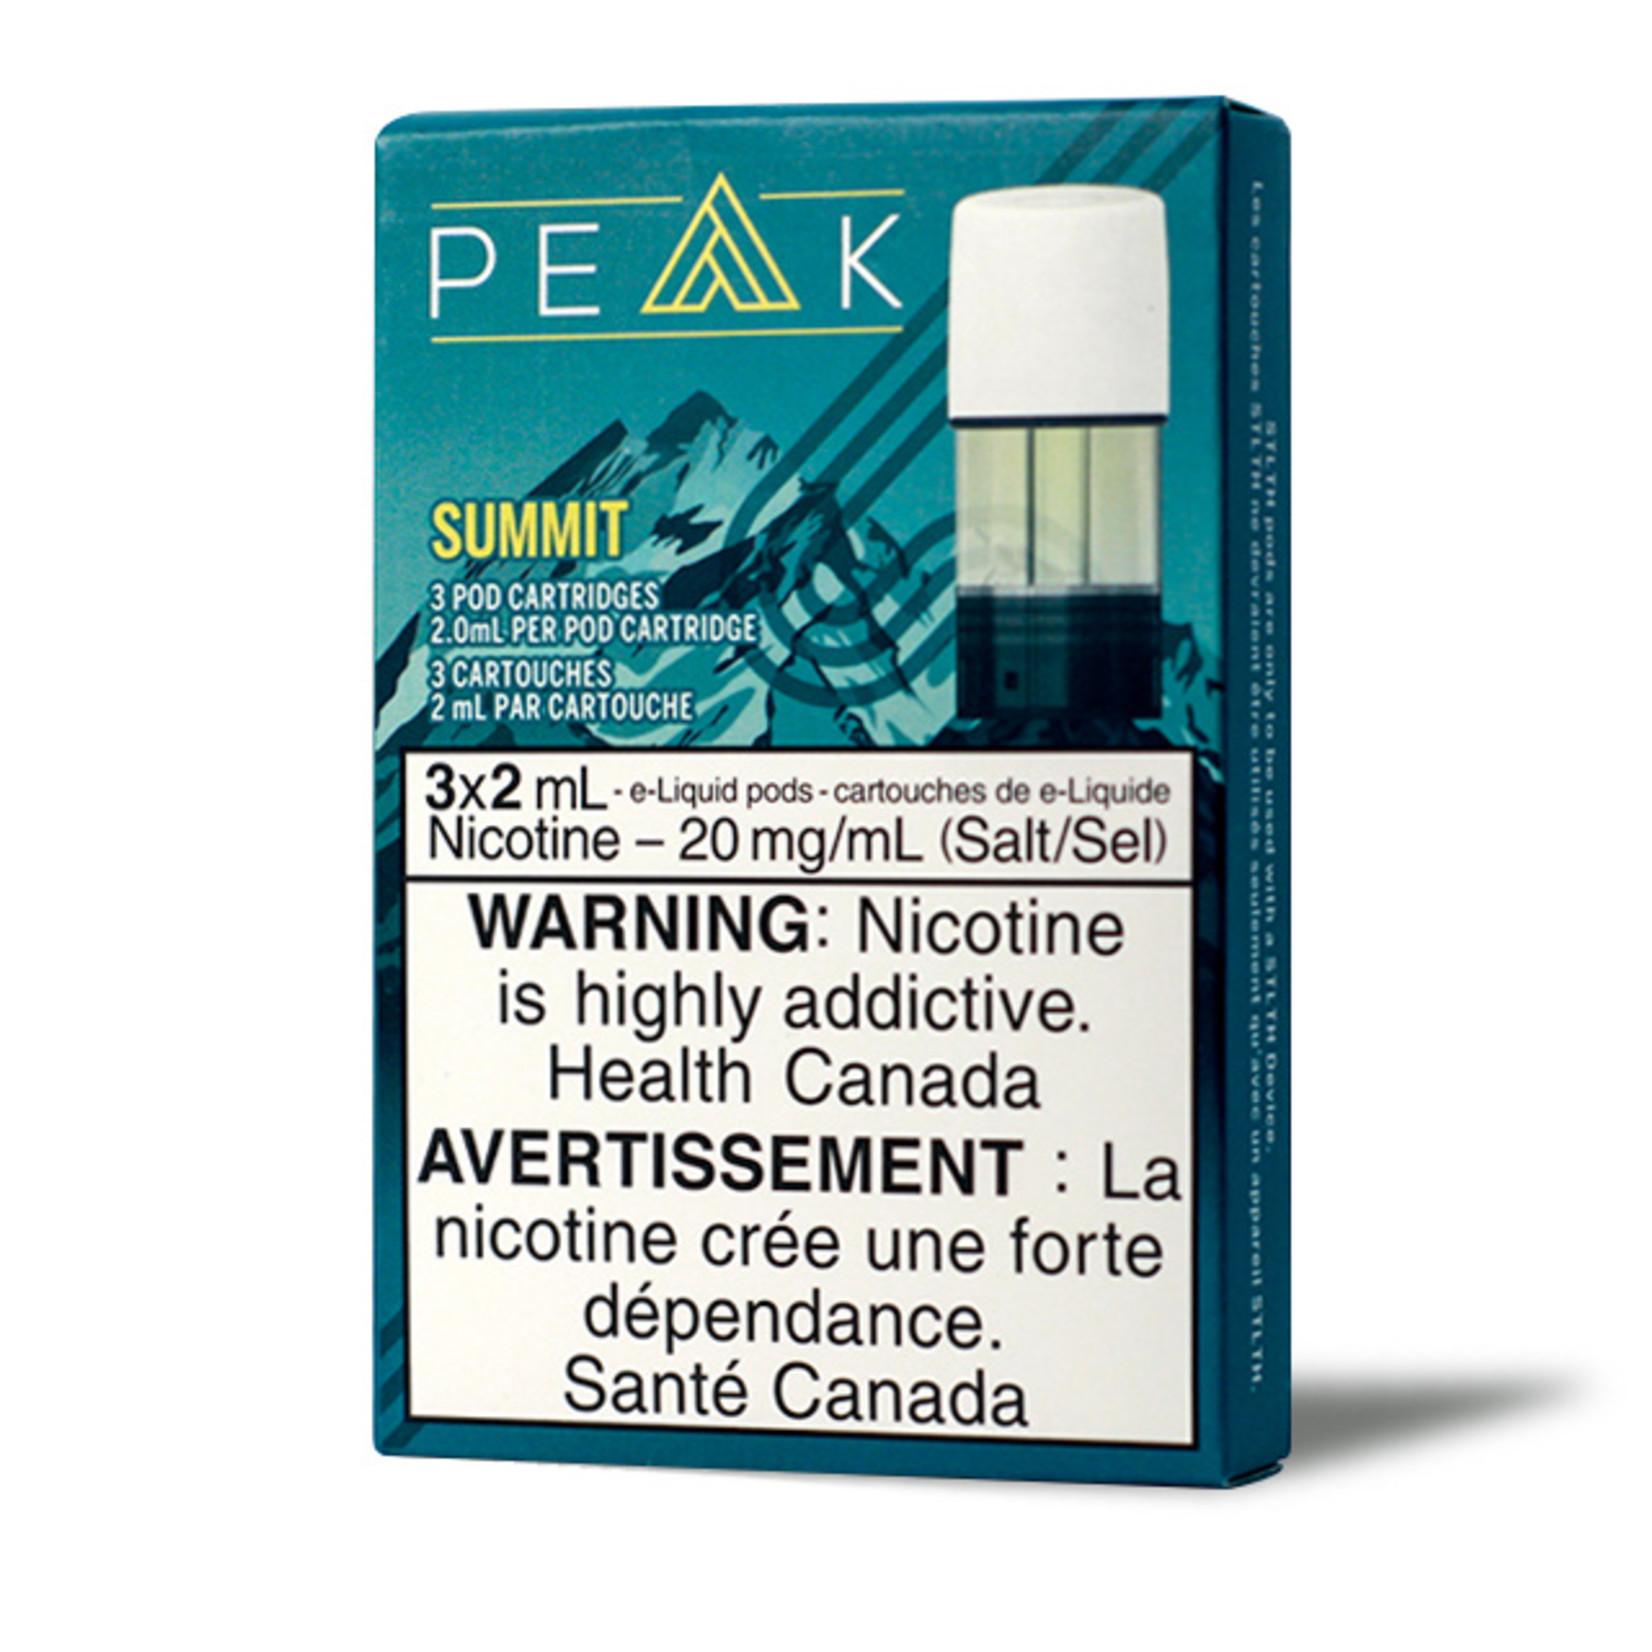 STLTH Pod Pack Peak Summit